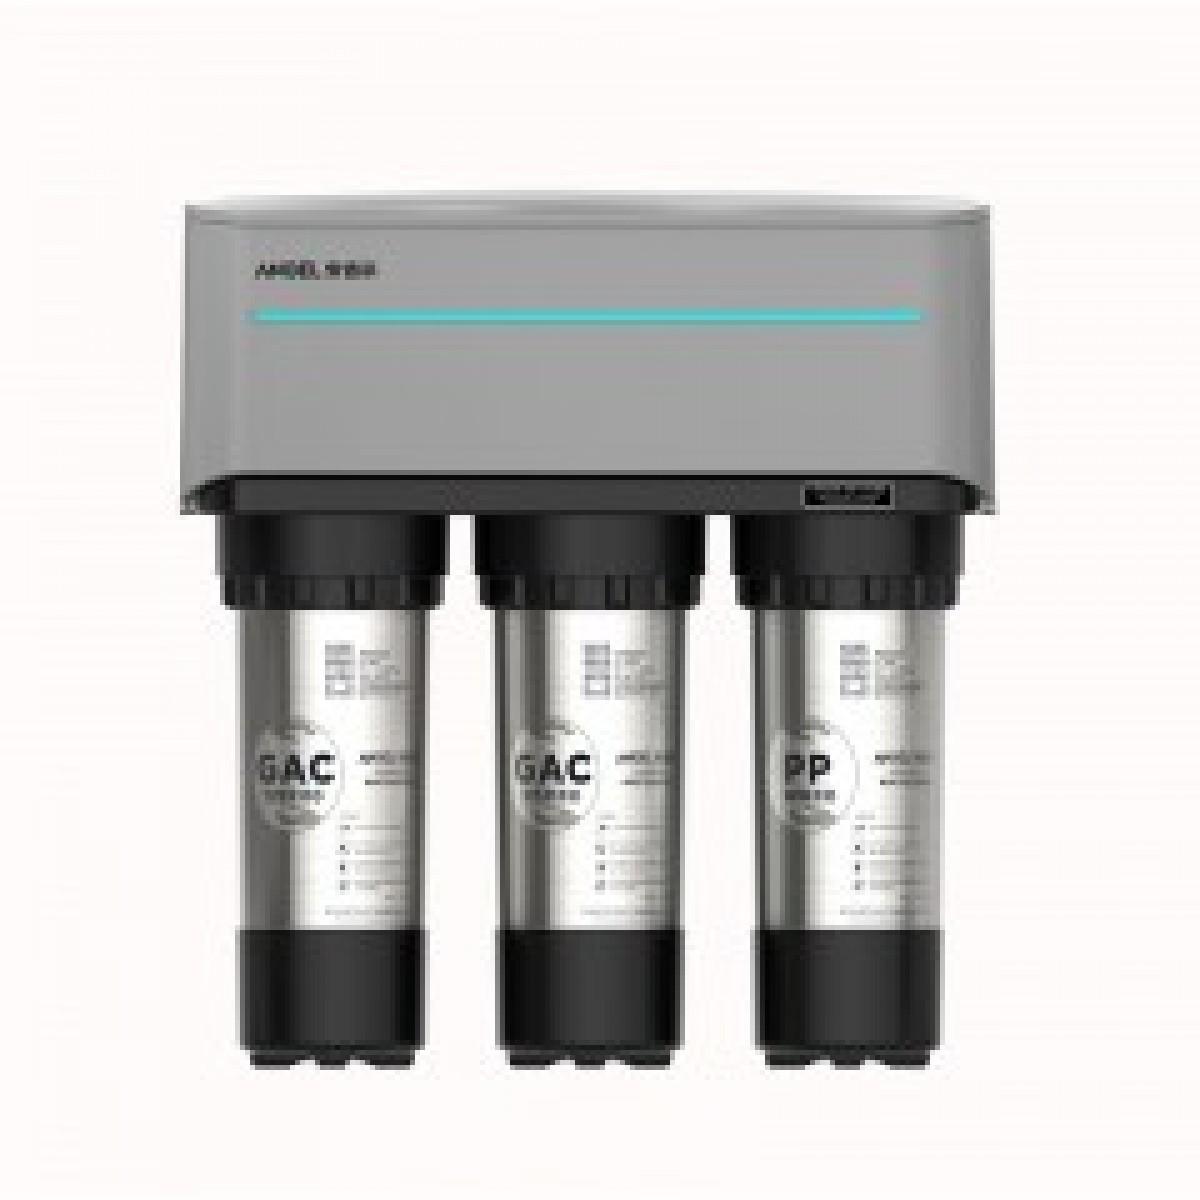 安吉尔超滤净水机 J1201-UFB120净水器厨房家用不锈钢矿物质超滤过滤自来水器